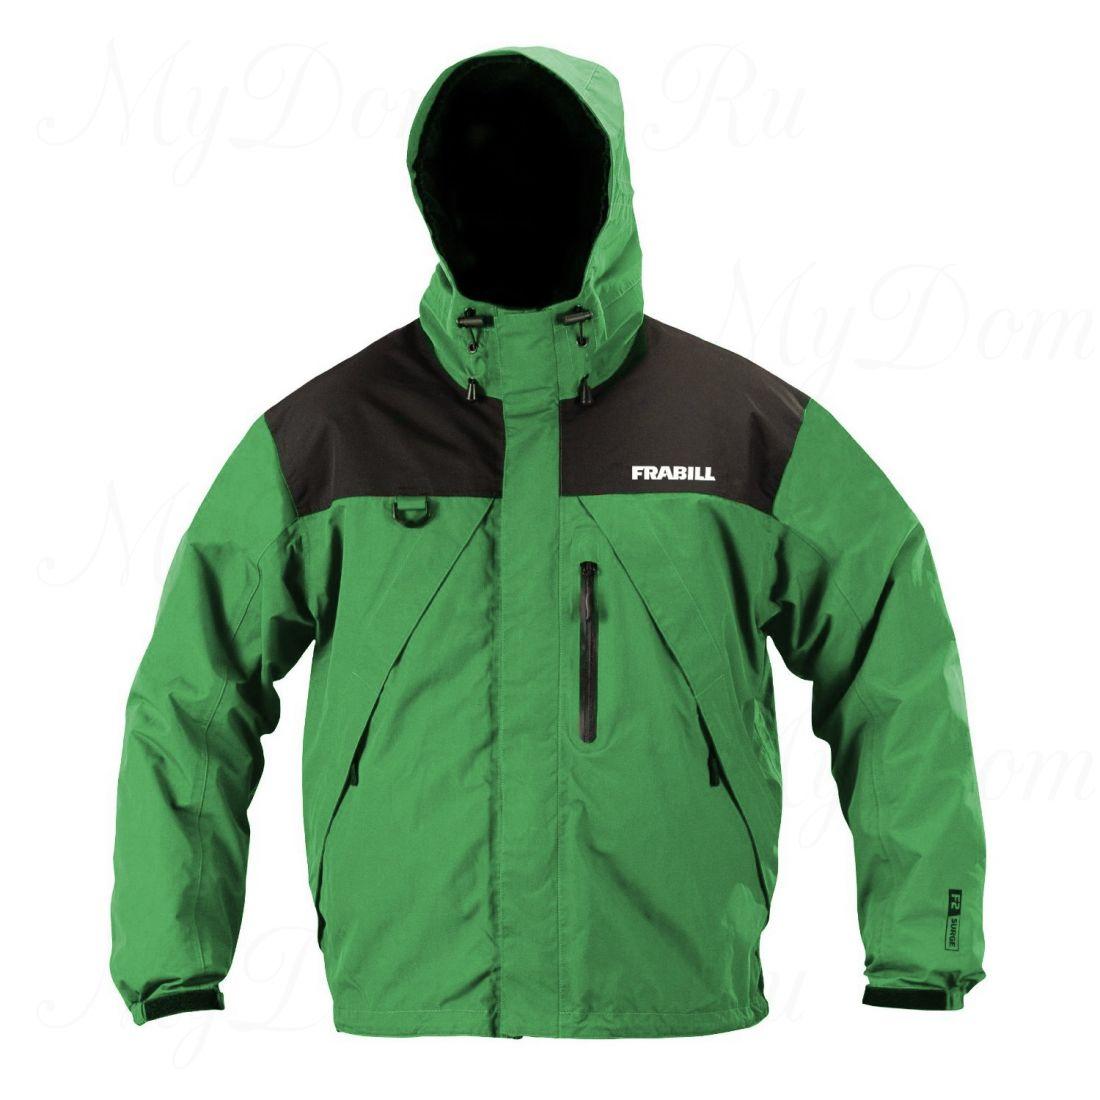 Куртка штормовая Frabill F2 Surge RainSuit Jacket Green размер L